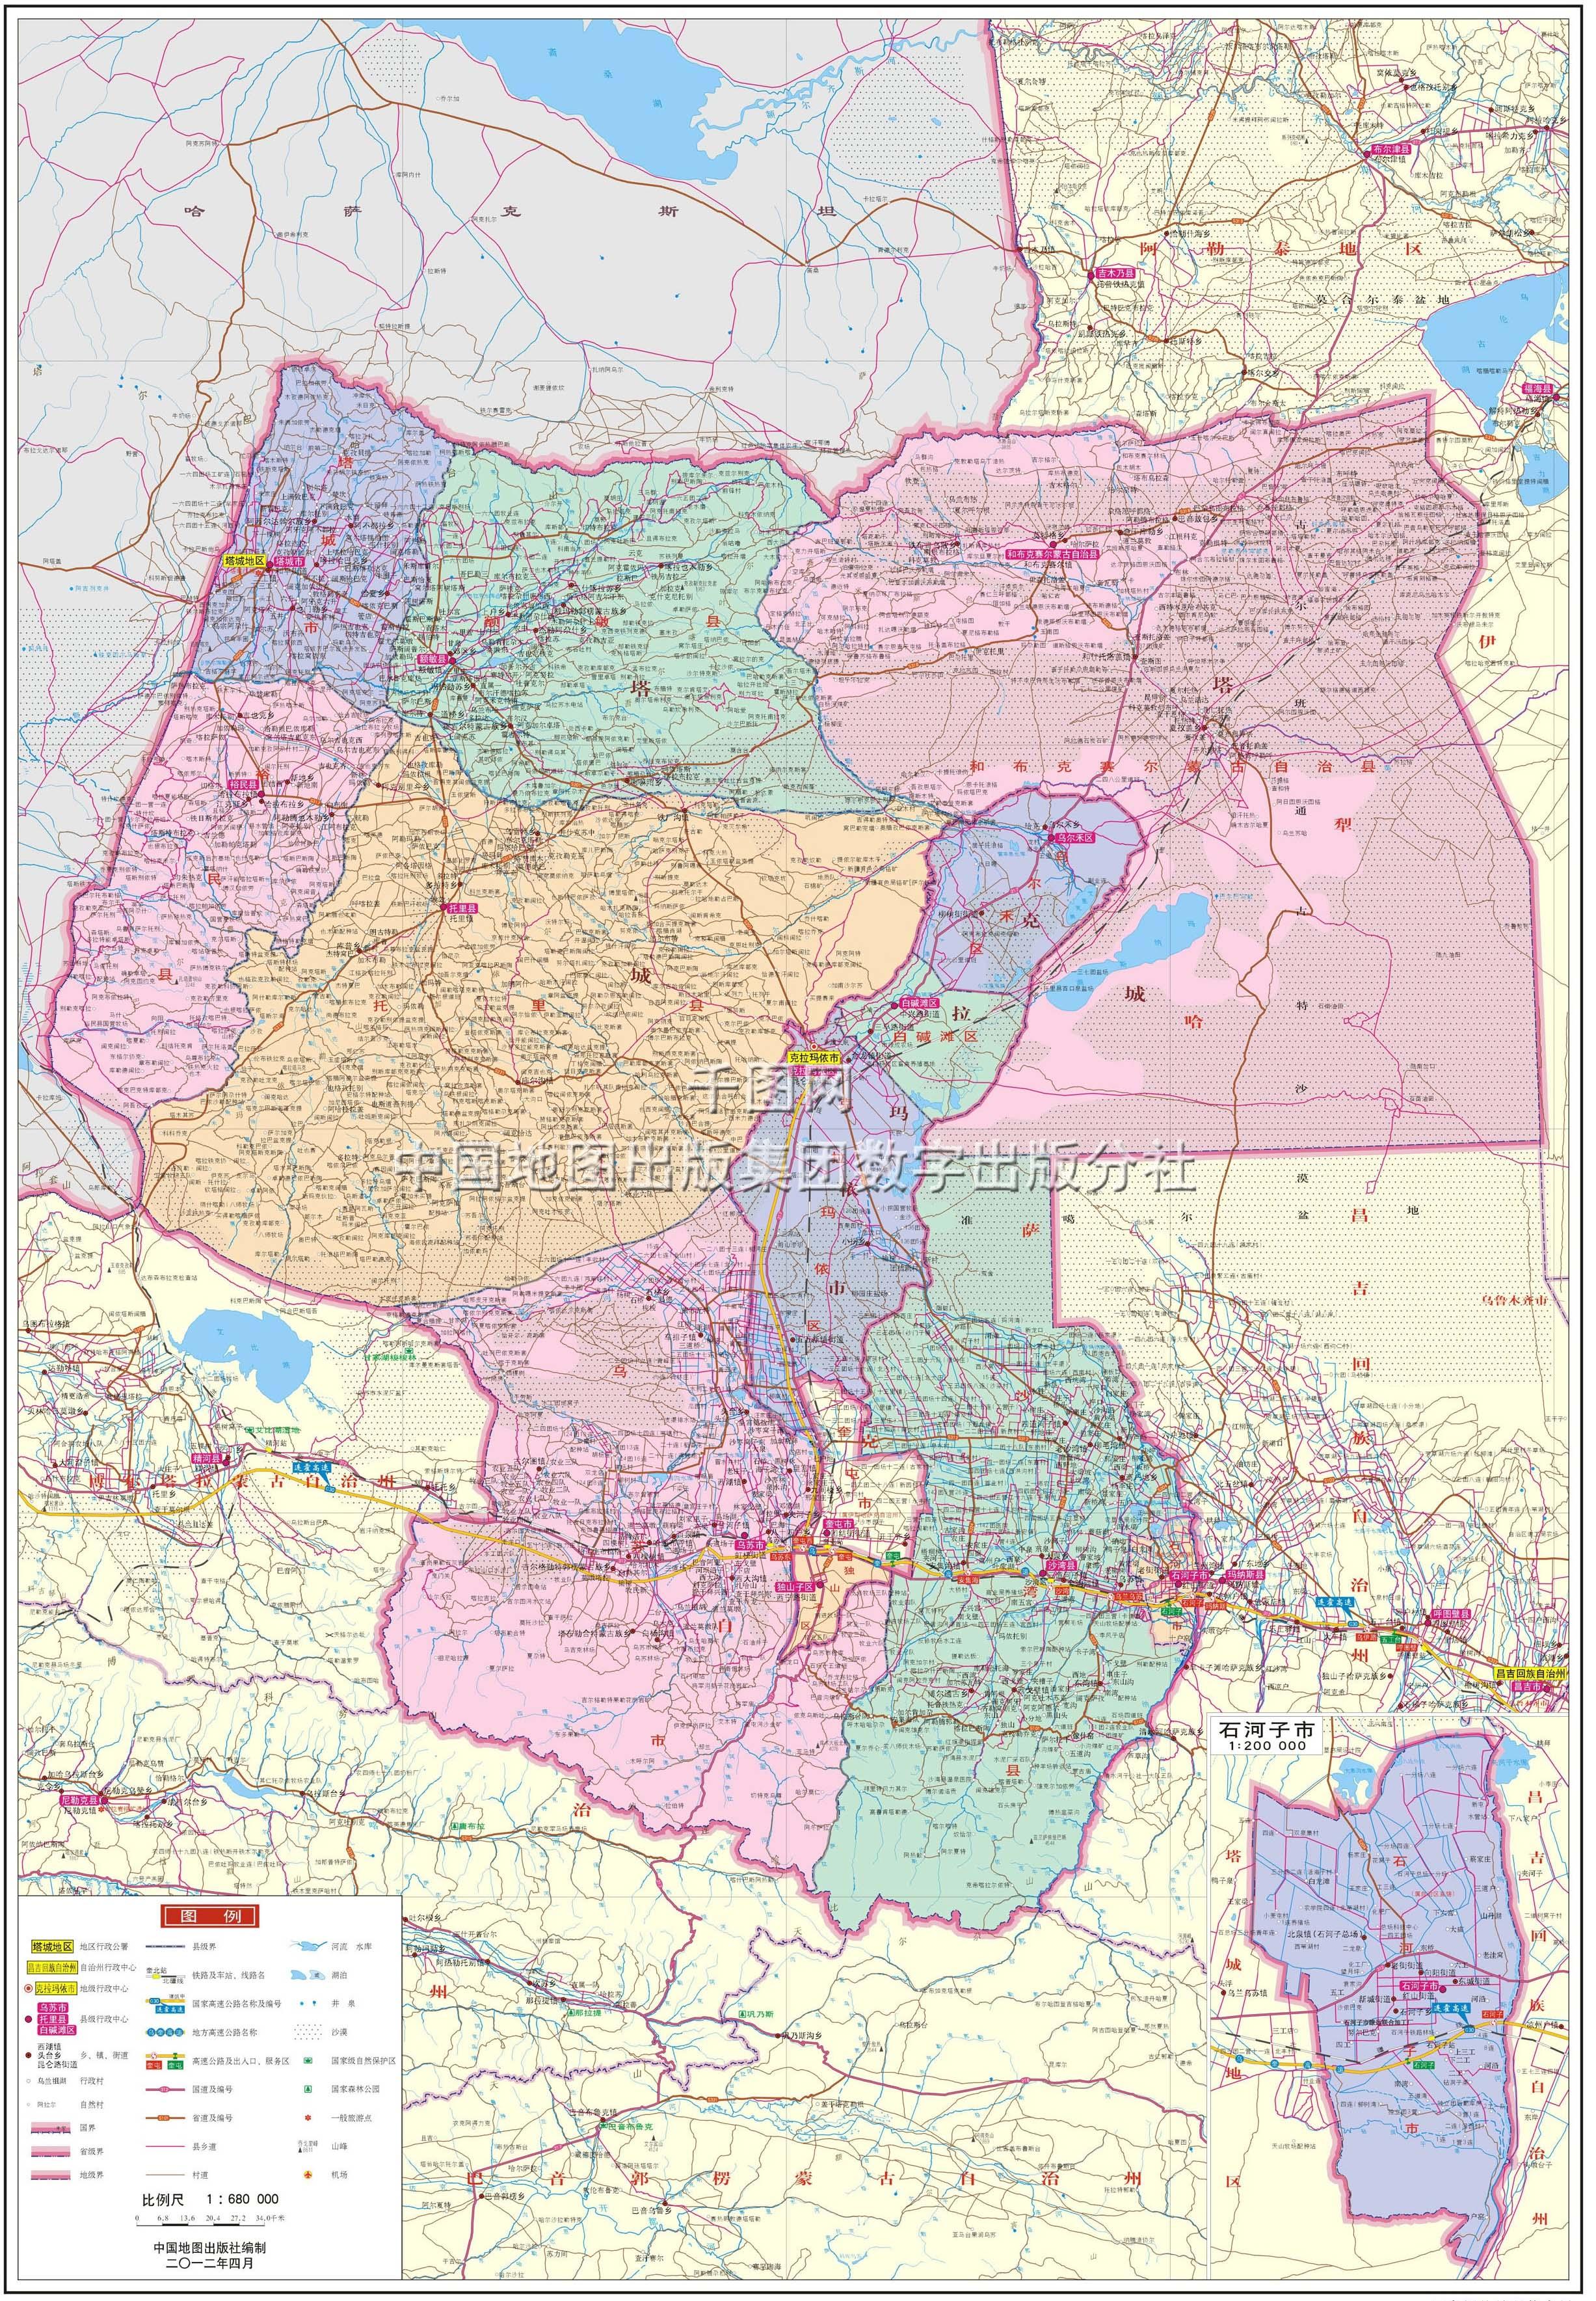 塔城地区地图高清版